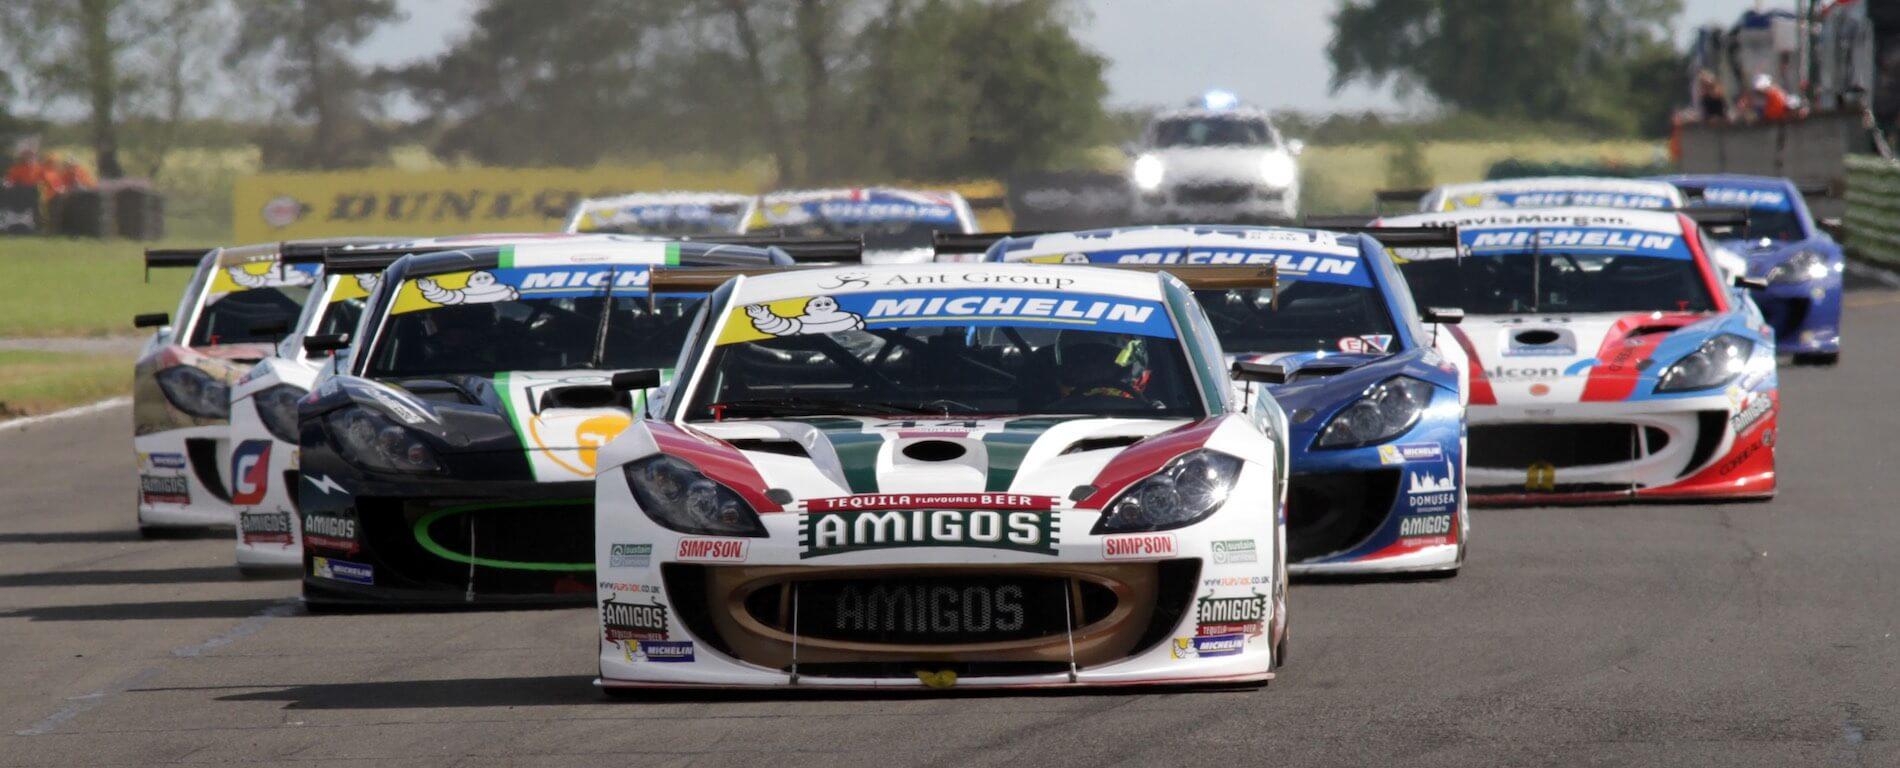 British Ginetta Touring Supercup